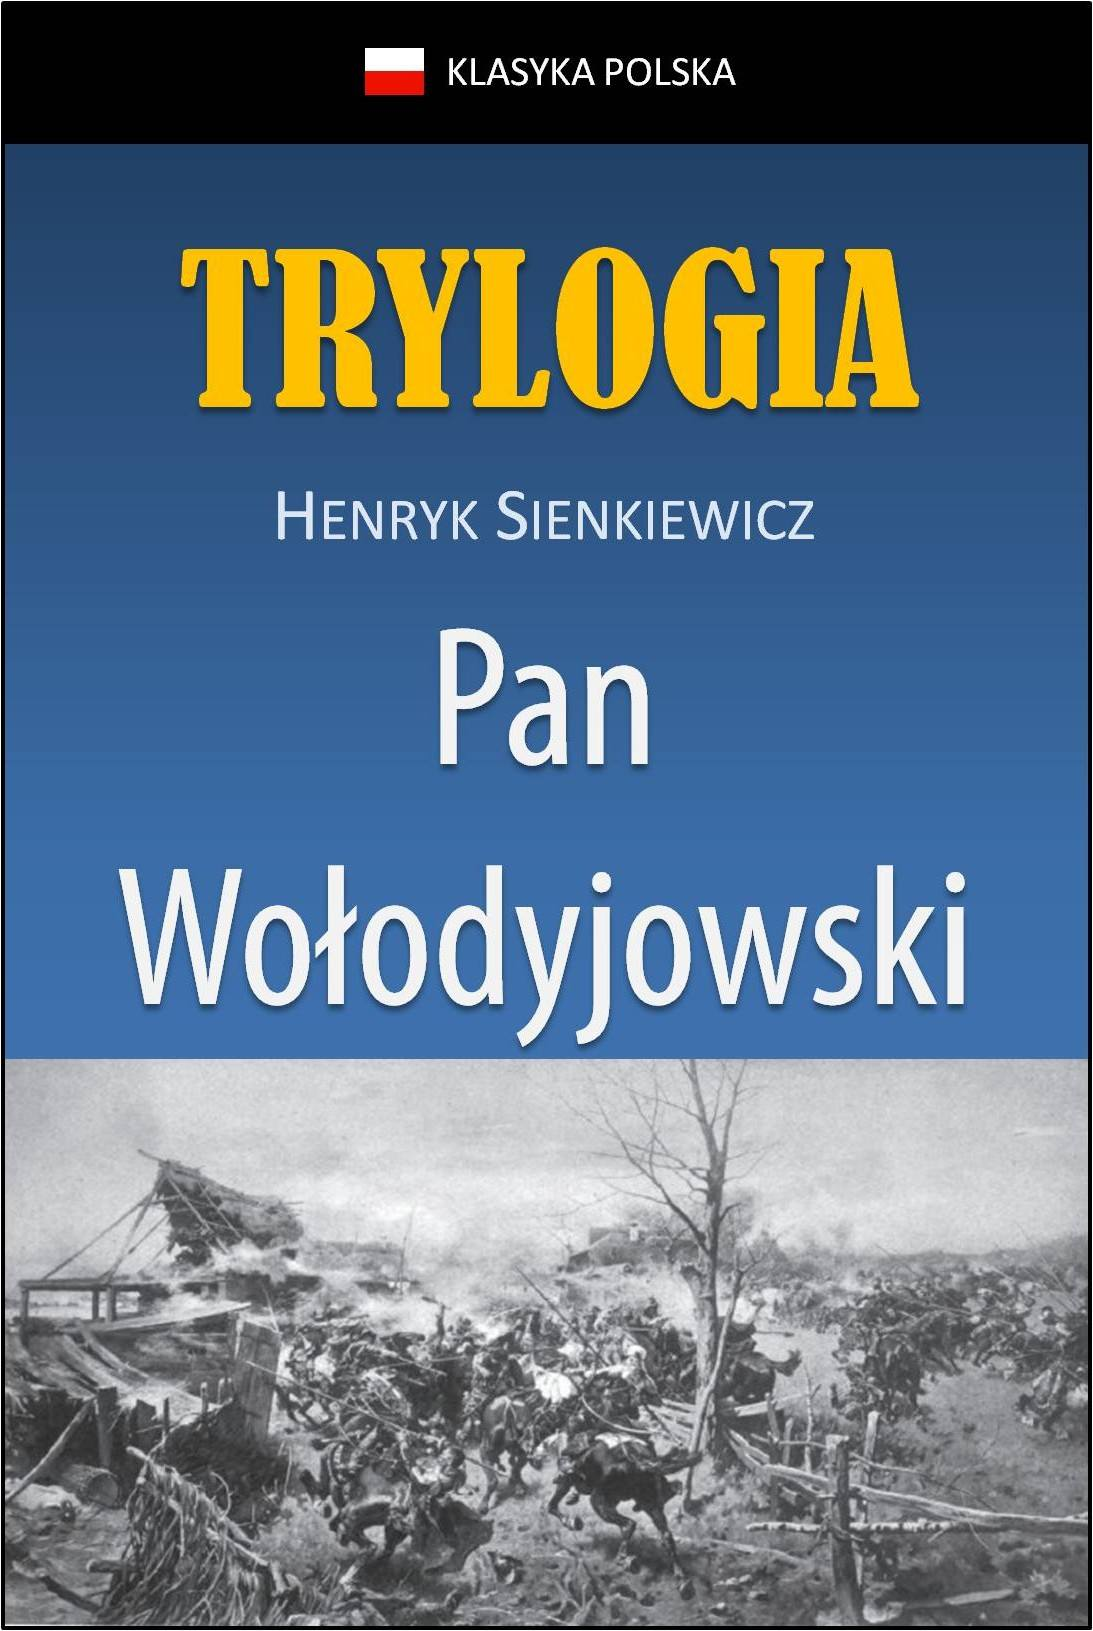 Pan Wołodyjowski - Ebook (Książka na Kindle) do pobrania w formacie MOBI